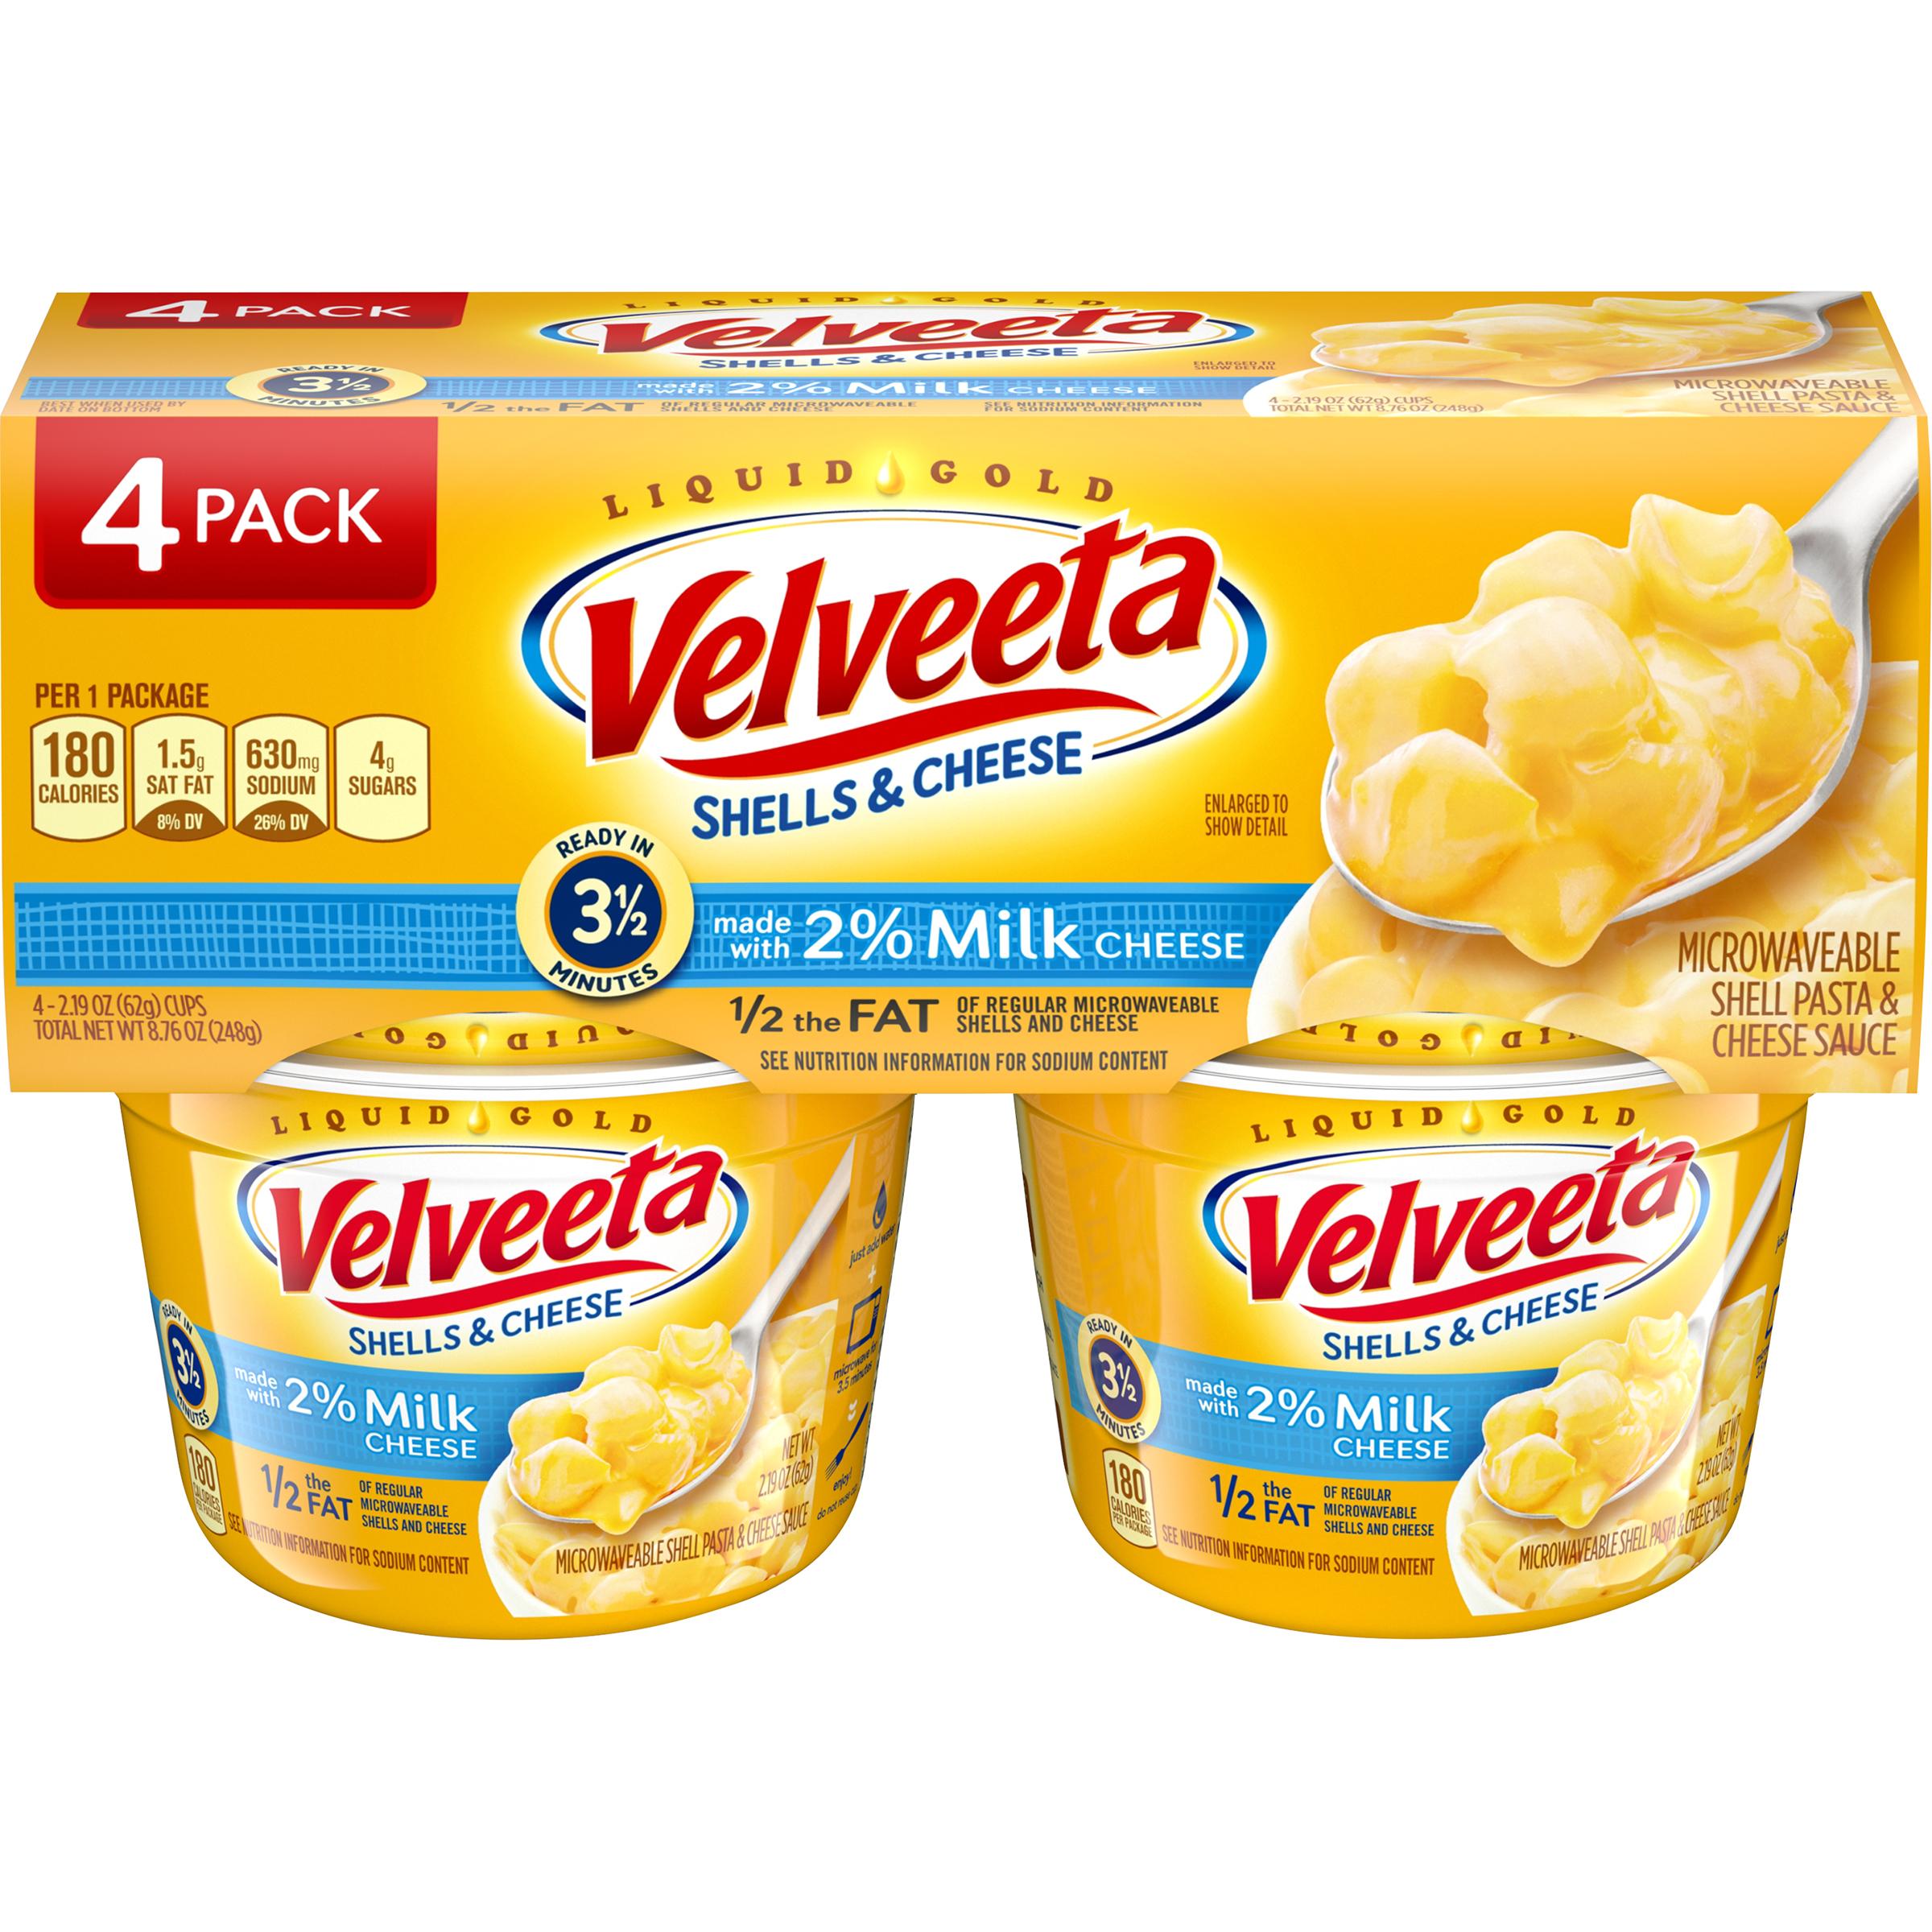 Velveeta Shells & Cheese Made with 2% Milk Cheese